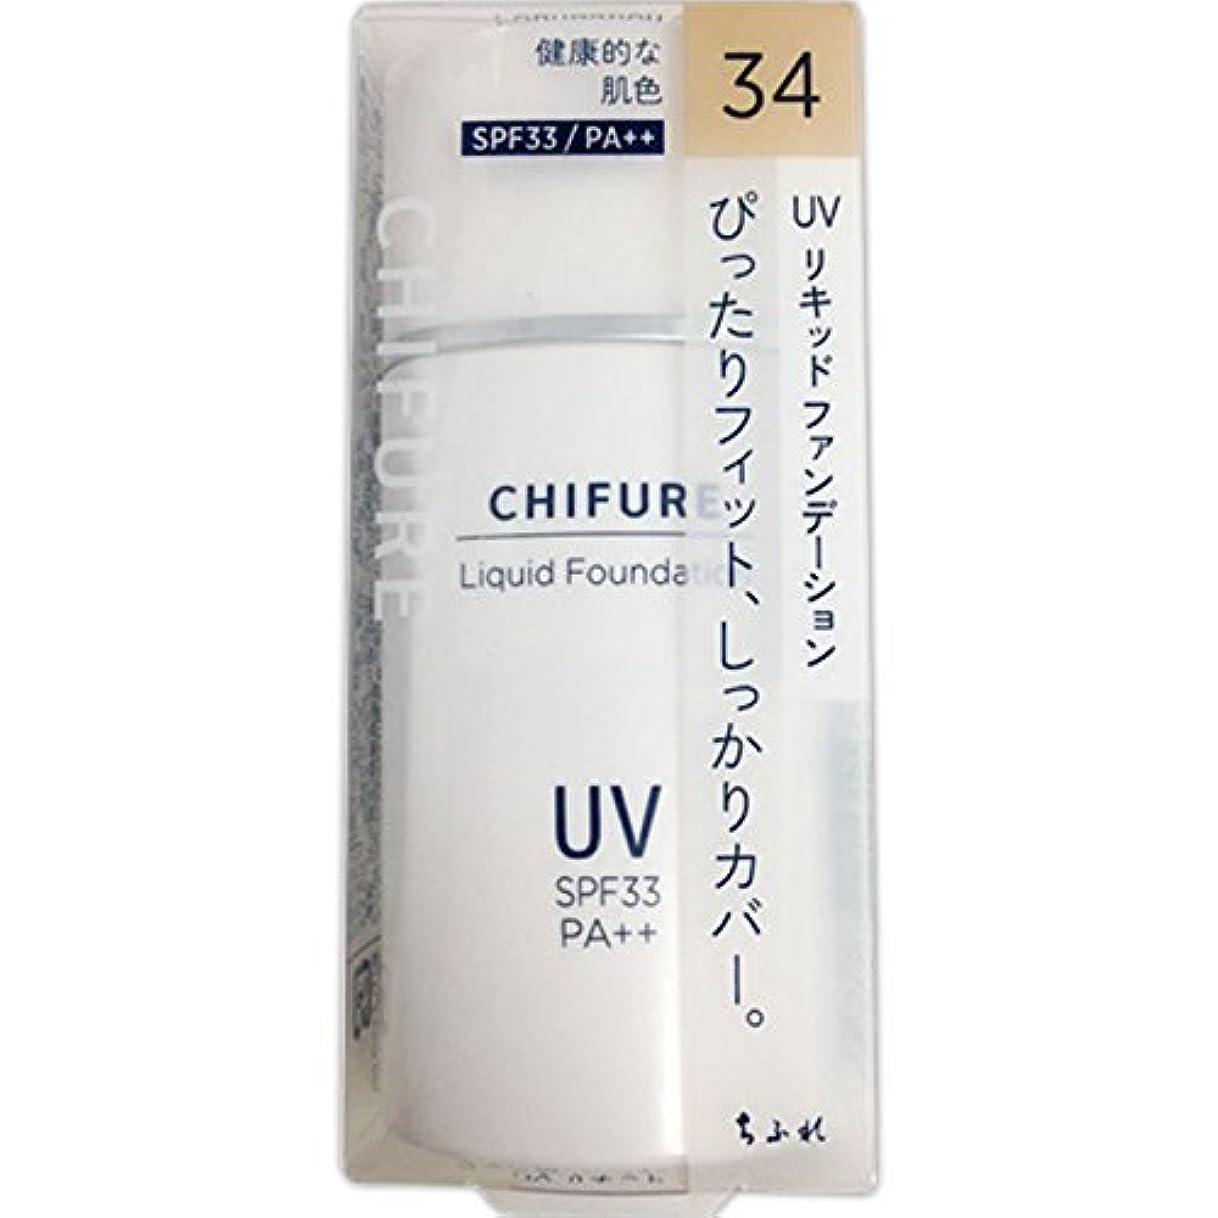 ライナーイブニング悪性腫瘍ちふれ化粧品 UV リキッド ファンデーション 34 健康的な肌色 30ML